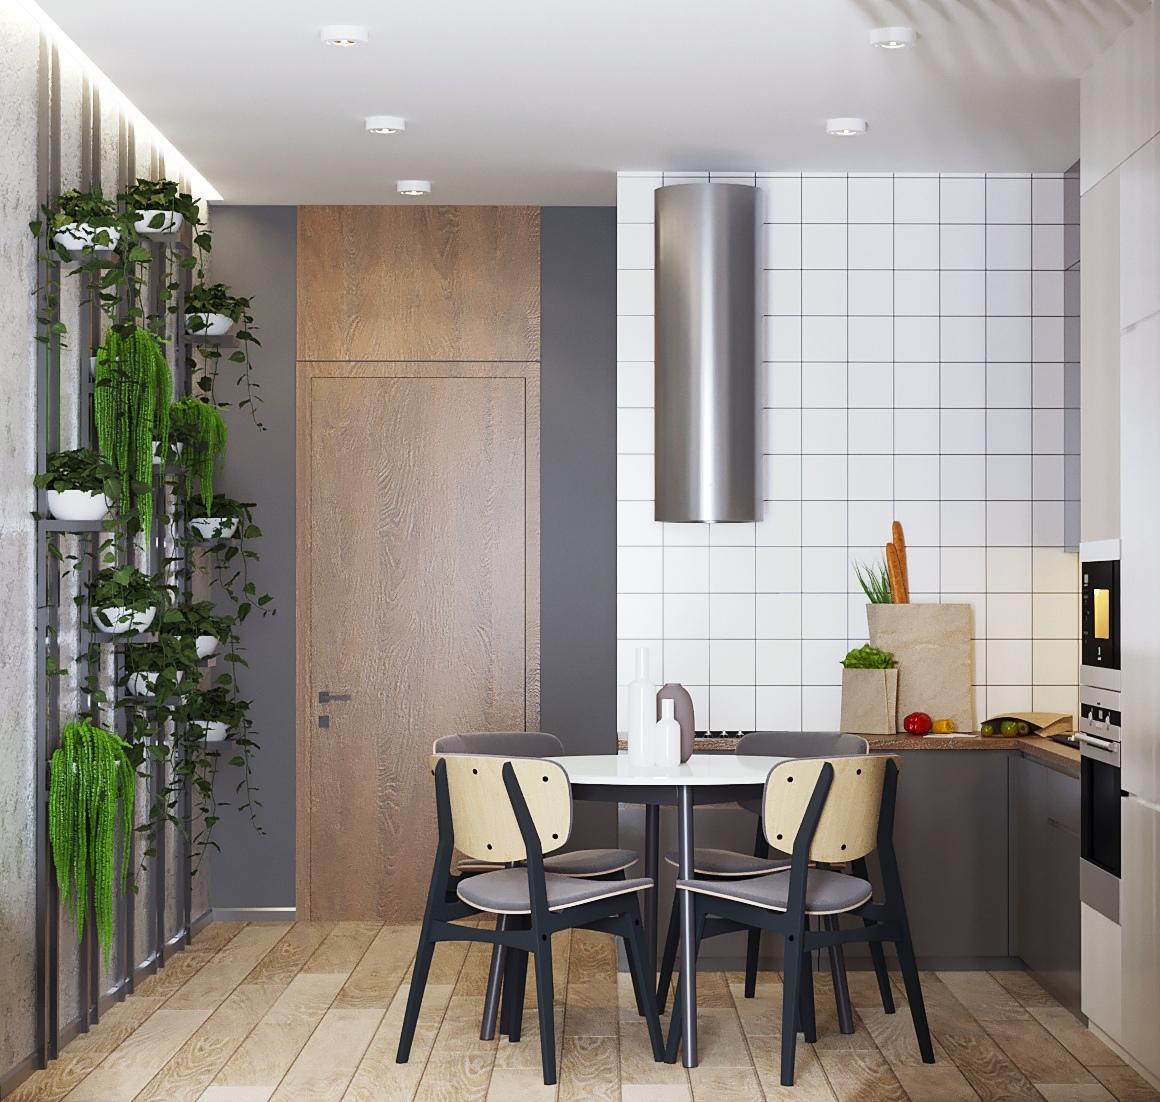 Проект квартиры-студии 25 м2, Ростов-на-Дону.